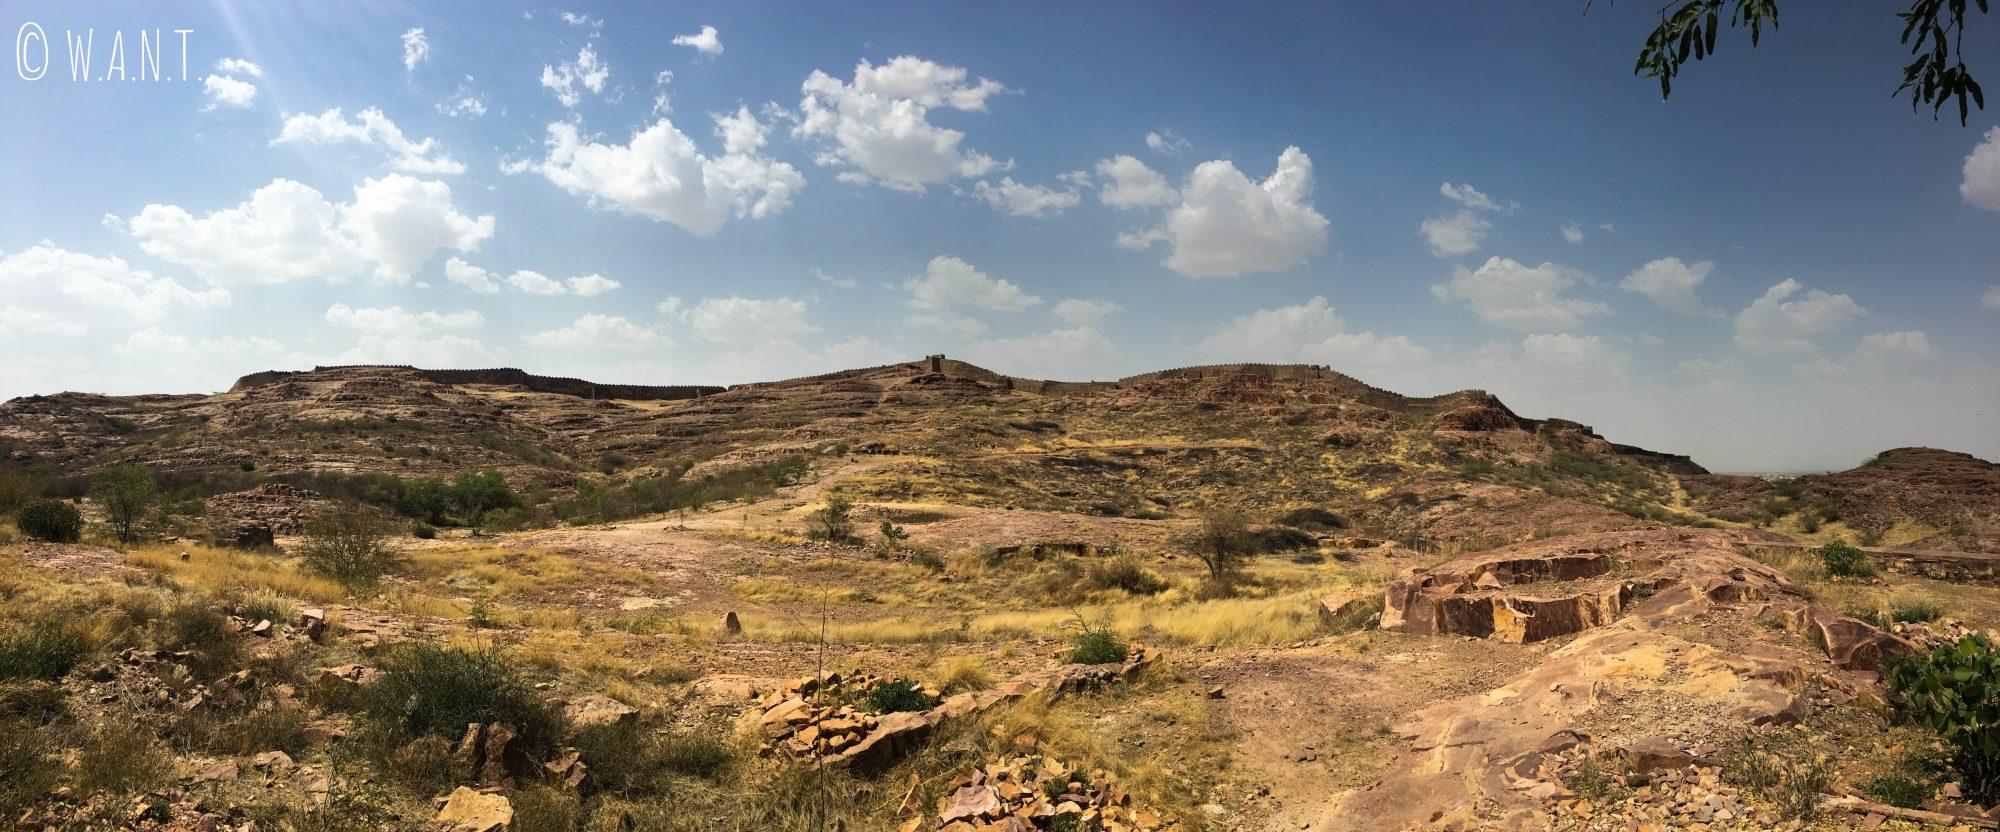 Une muraille entoure la ville de Jodhpur dans un paysage aride derrière le fort